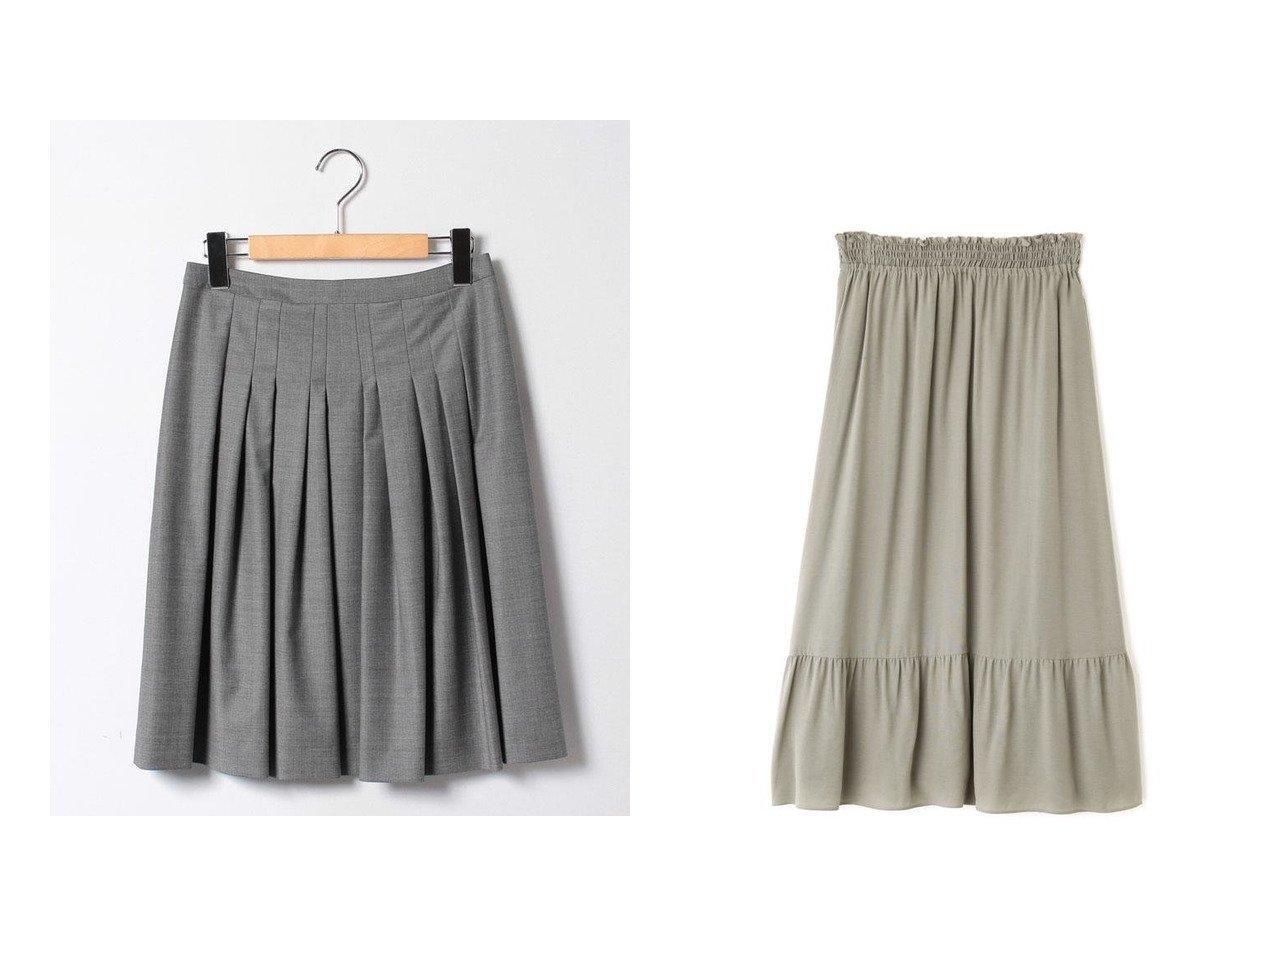 【Theory Luxe/セオリーリュクス】の【セットアップ対応商品】スカート EXECUTIVE AIDEN&【HUMAN WOMAN/ヒューマンウーマン】の75dシフォンスカート スカートのおすすめ!人気、トレンド・レディースファッションの通販  おすすめで人気の流行・トレンド、ファッションの通販商品 メンズファッション・キッズファッション・インテリア・家具・レディースファッション・服の通販 founy(ファニー) https://founy.com/ ファッション Fashion レディースファッション WOMEN セットアップ Setup スカート Skirt スカート Skirt プリーツスカート Pleated Skirts キュプラ ストレッチ セットアップ プリーツ 定番 Standard シフォン スタンダード  ID:crp329100000019234